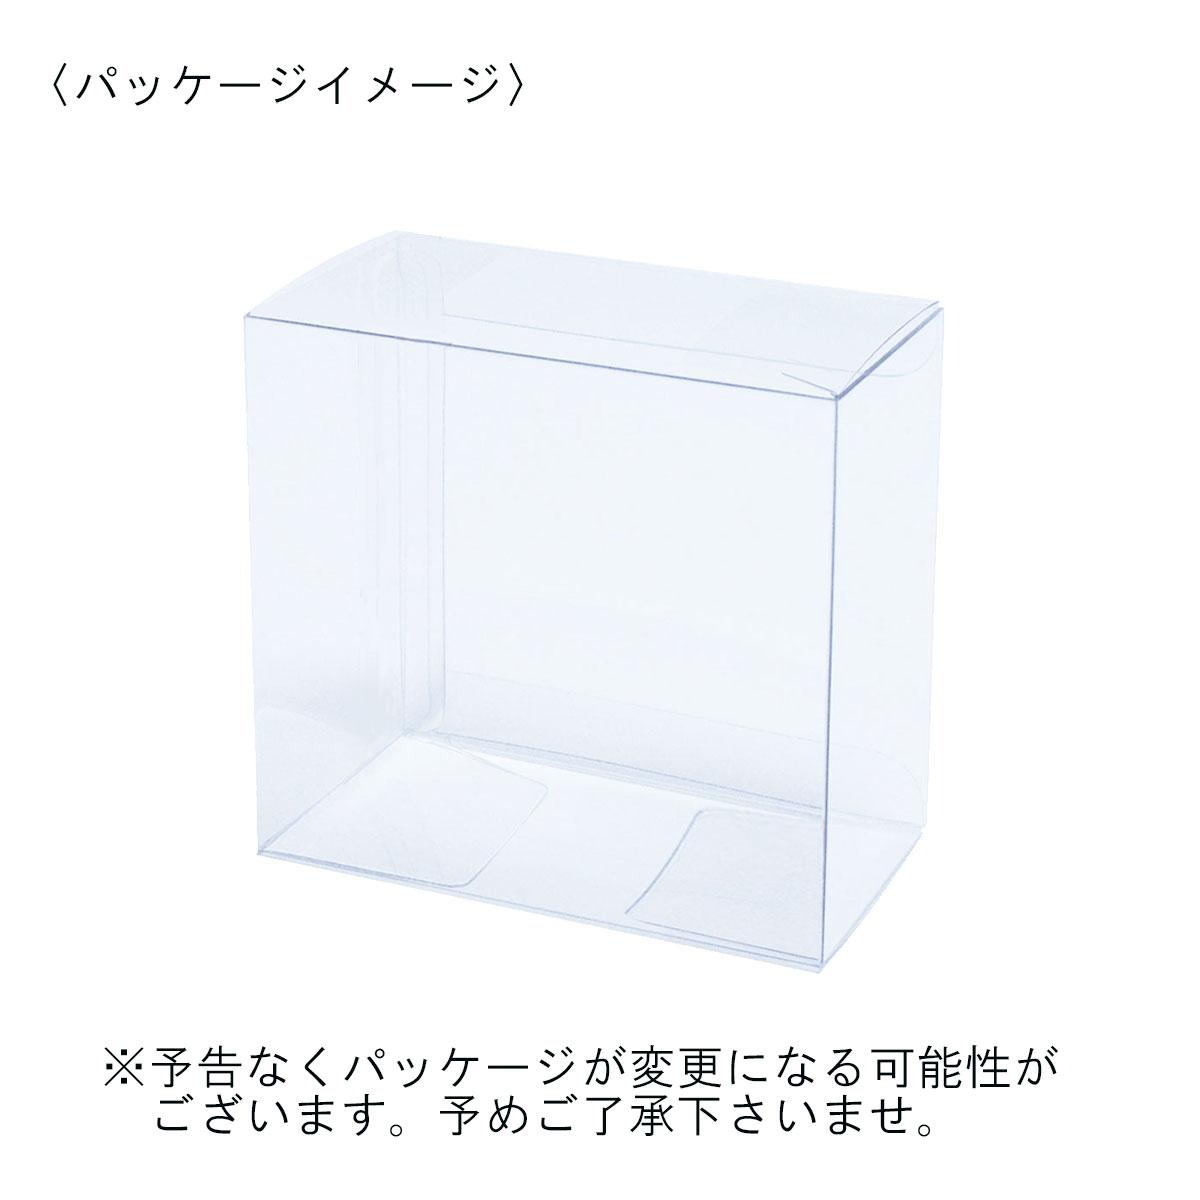 【周年記念品台紙】クロックレンジャー 三菱鉛筆 ジェットストリームボールペン セット